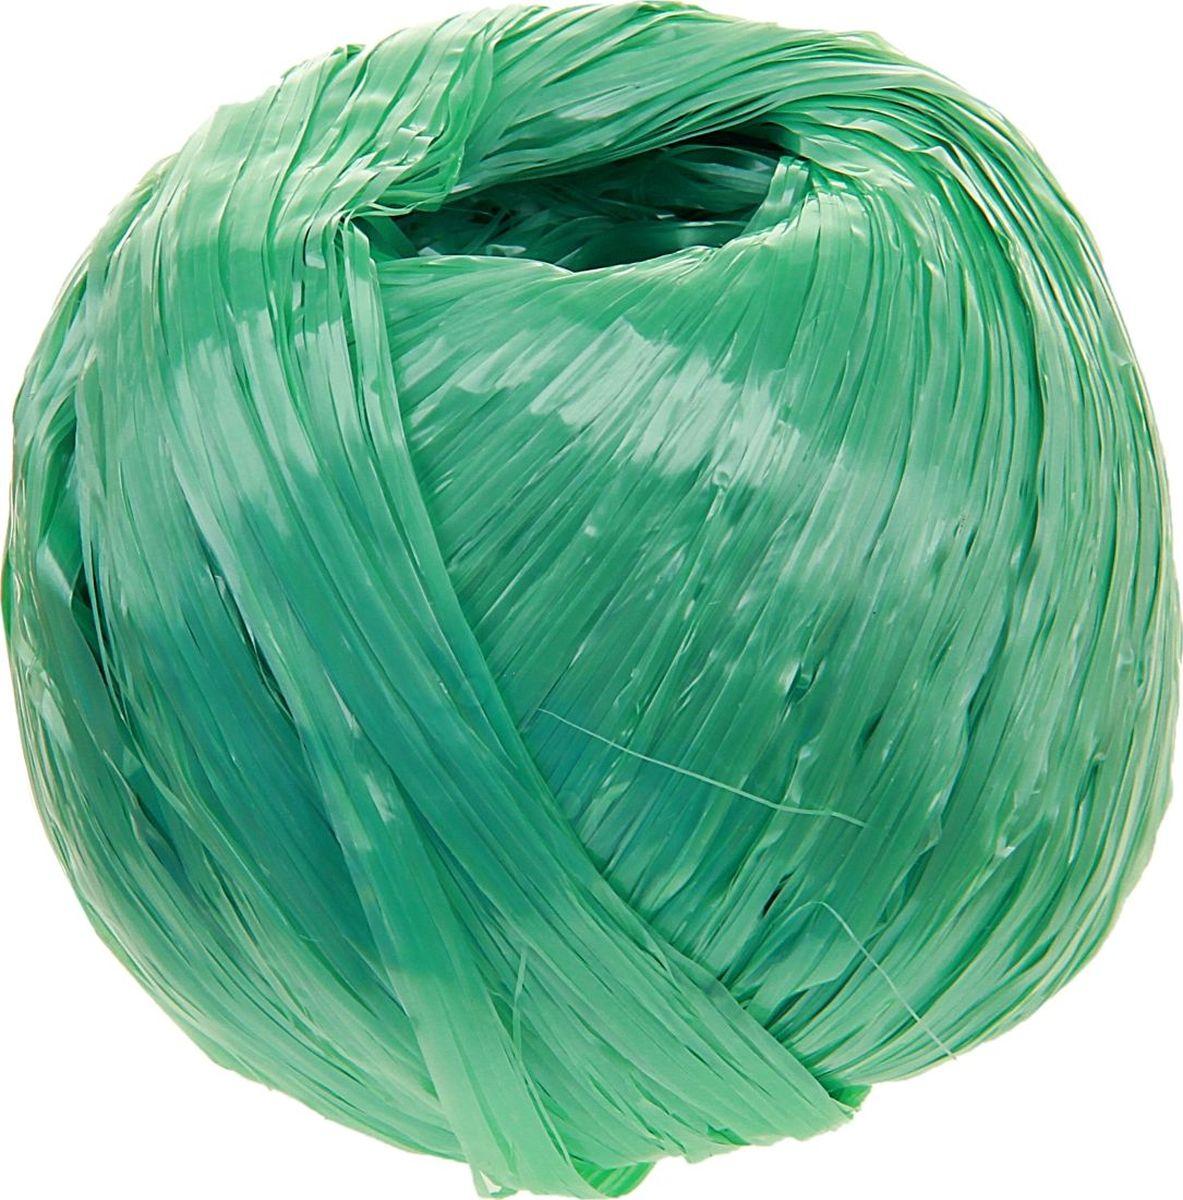 Шпагат Банные Секреты, цвет: зеленый, 120 м1124433Шпагат Банные Секреты представляет собой изделие, которое используется для бытовых и технологических нужд в различных отраслях производства. В хозяйстве его используют для сушки белья, вместо верёвки, для упаковки вещей, при хранении овощей. Материал: полиэстер. Длина: 120 м. Вес: 40 г. Диаметр: 1,6 мм.